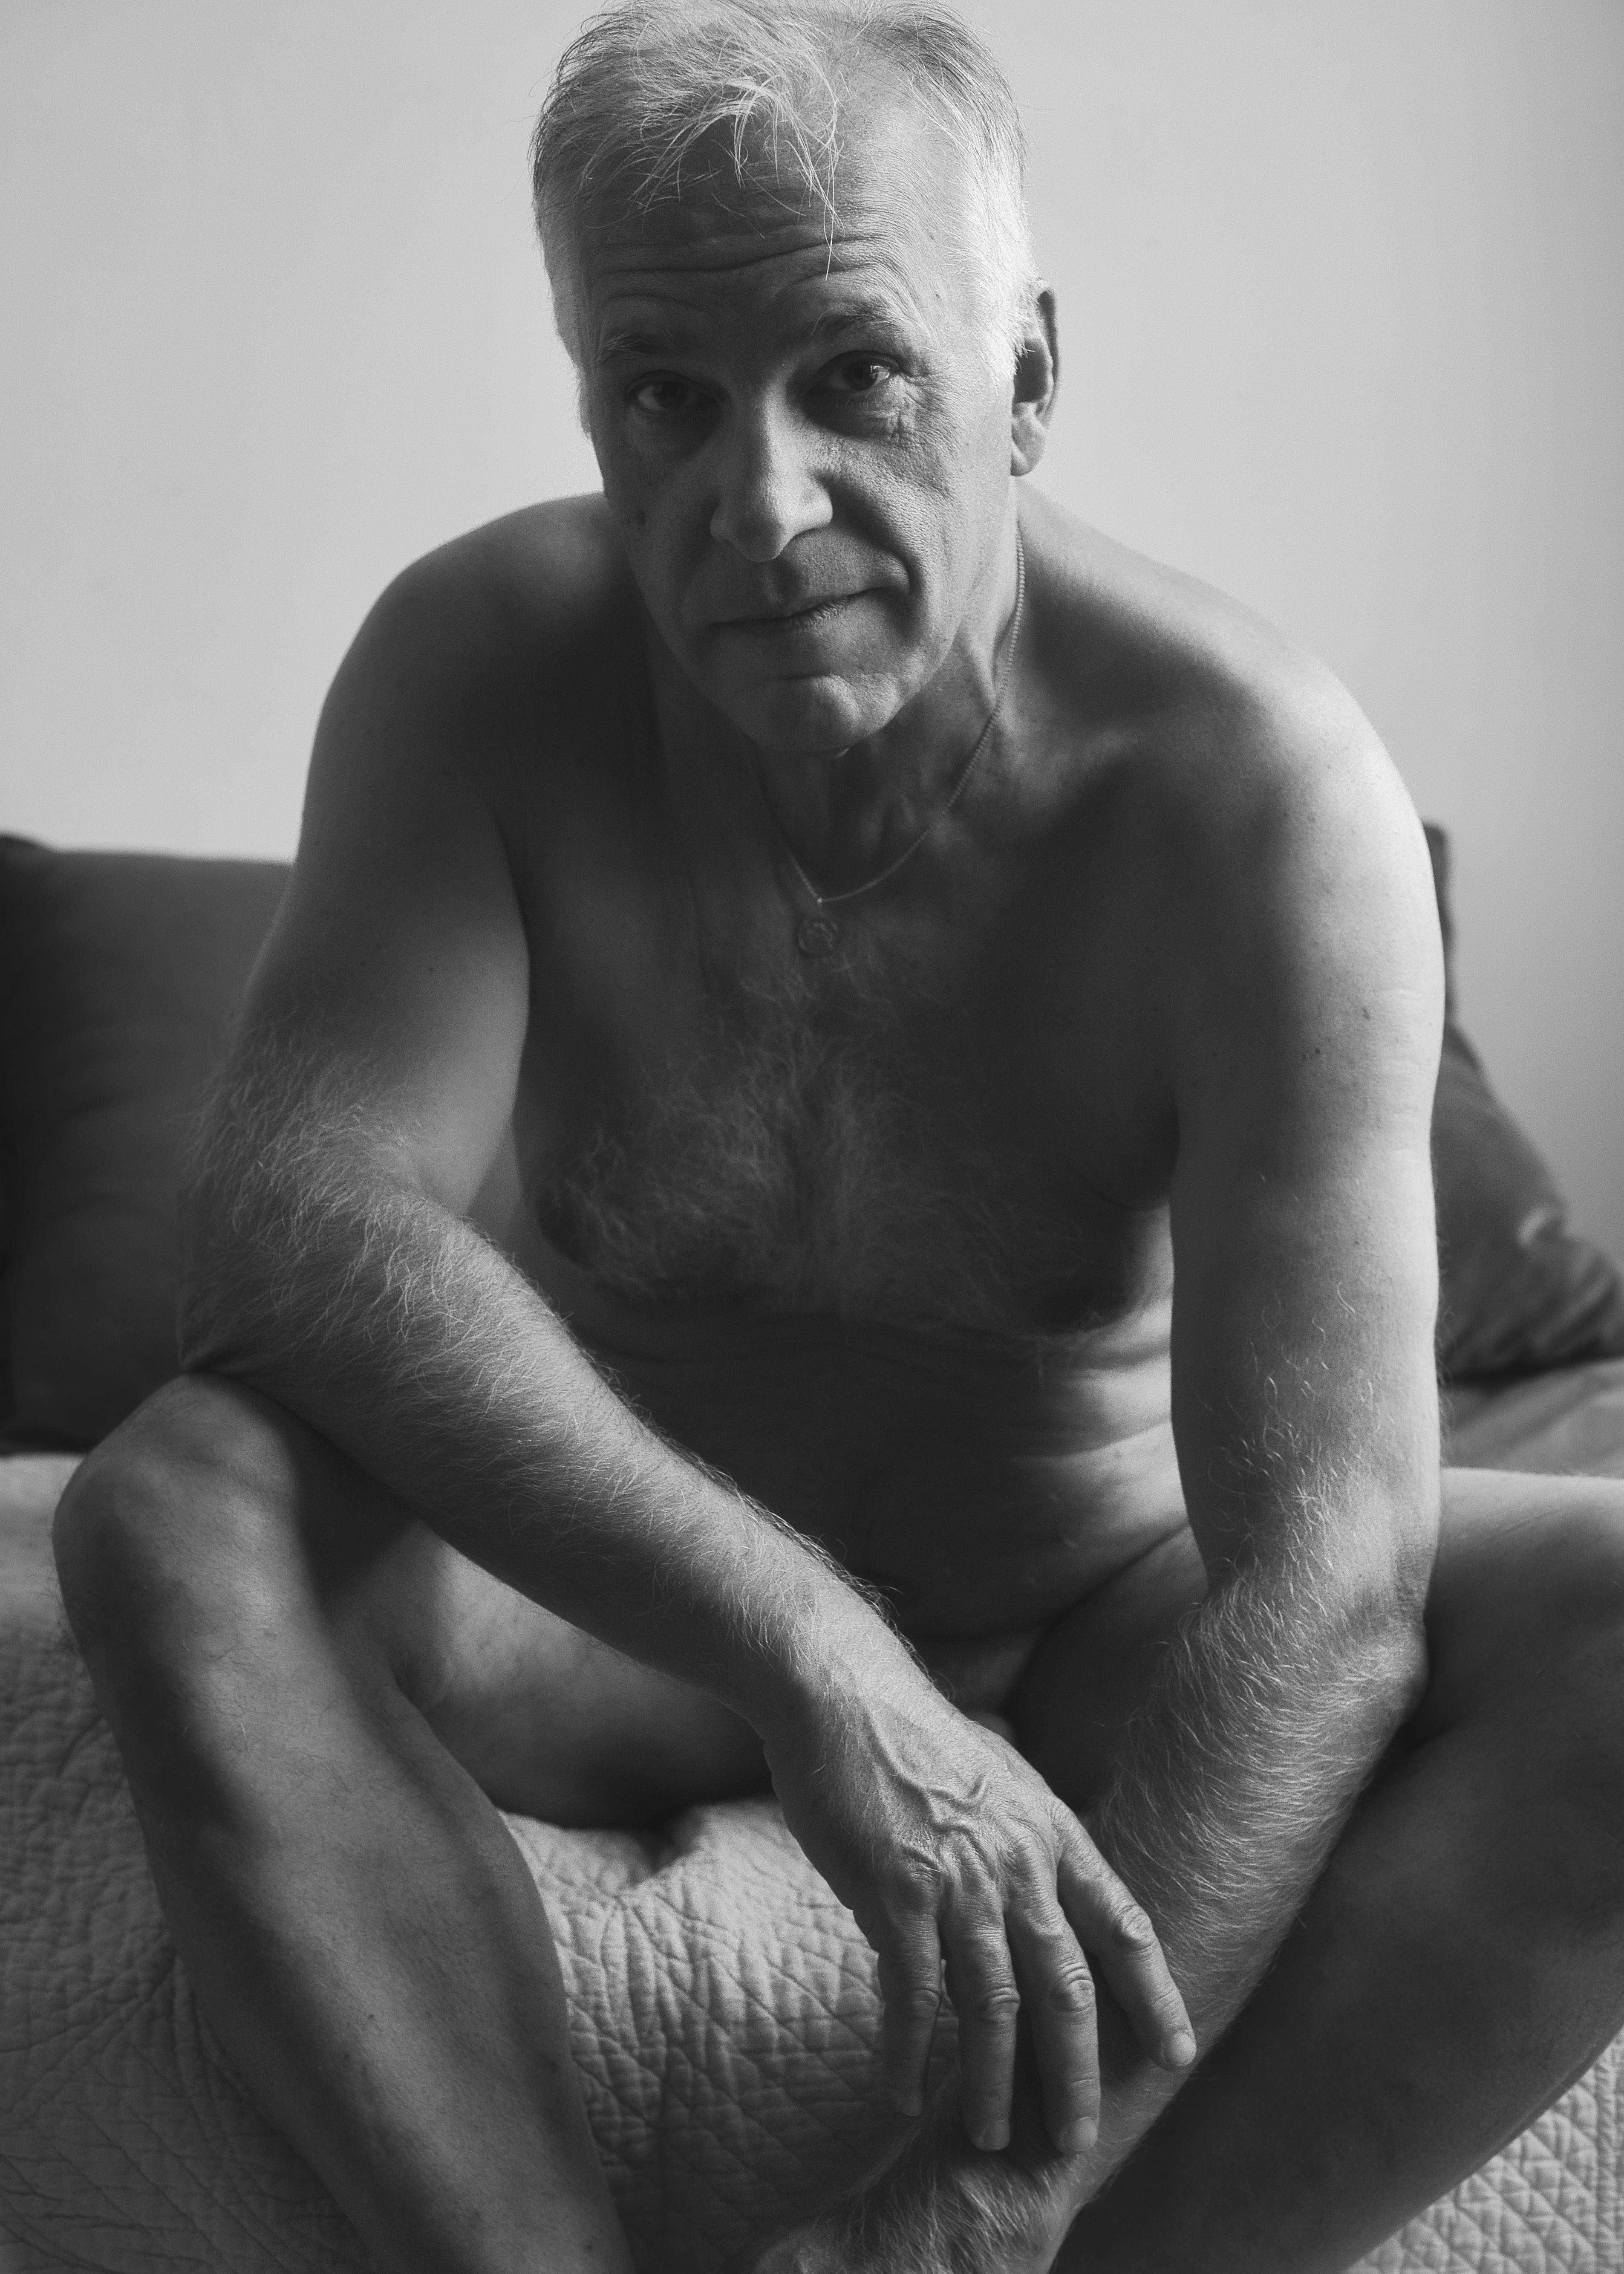 portrait d'un homme mature cheveux blancs en nu artistique noir et blanc